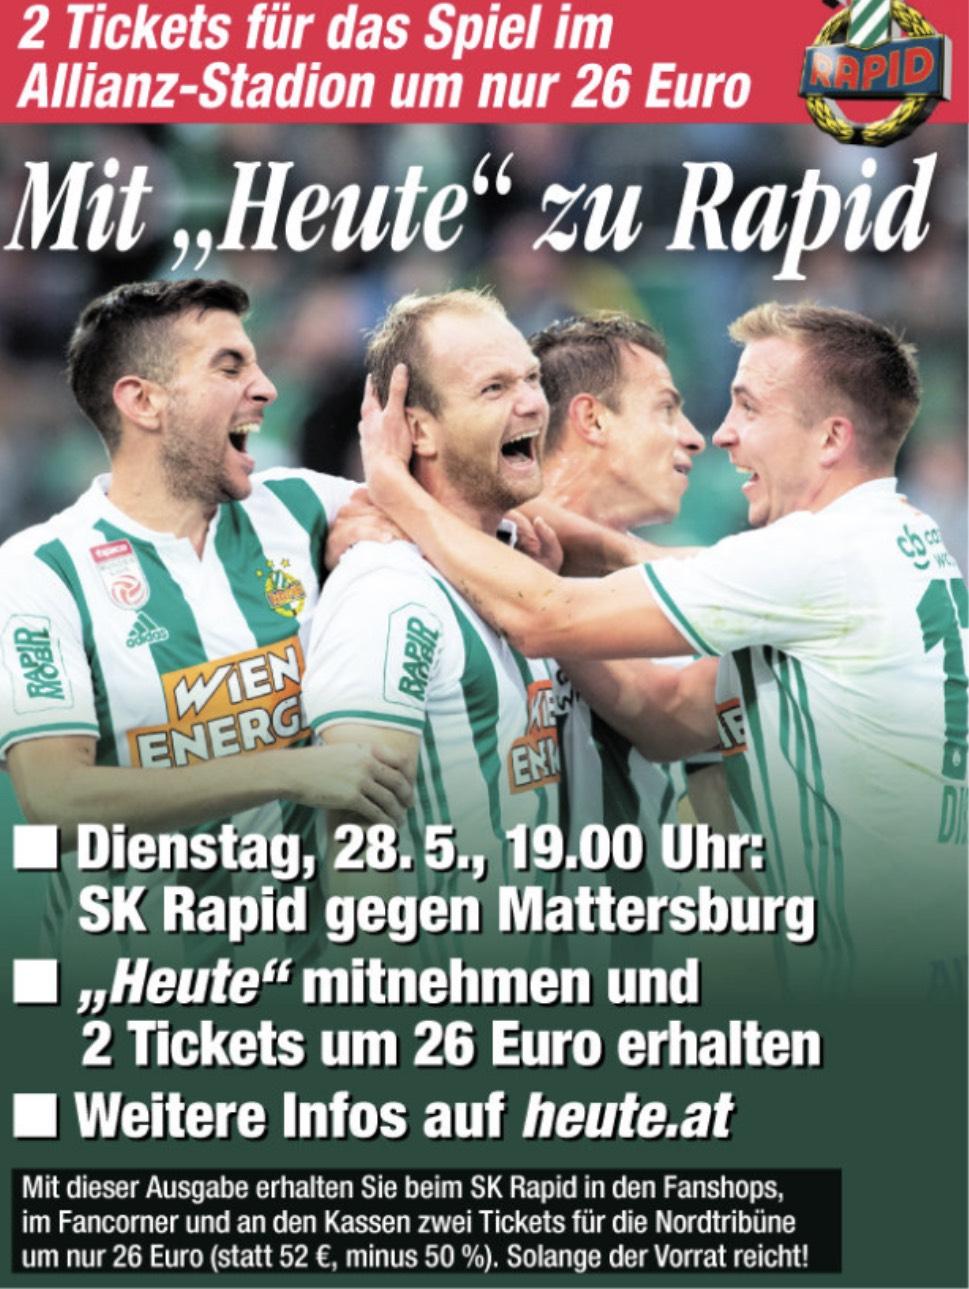 Sk Rapid Wien gegen Mattersburg: 1+1 Gratis Tickets für die Nordtribüne